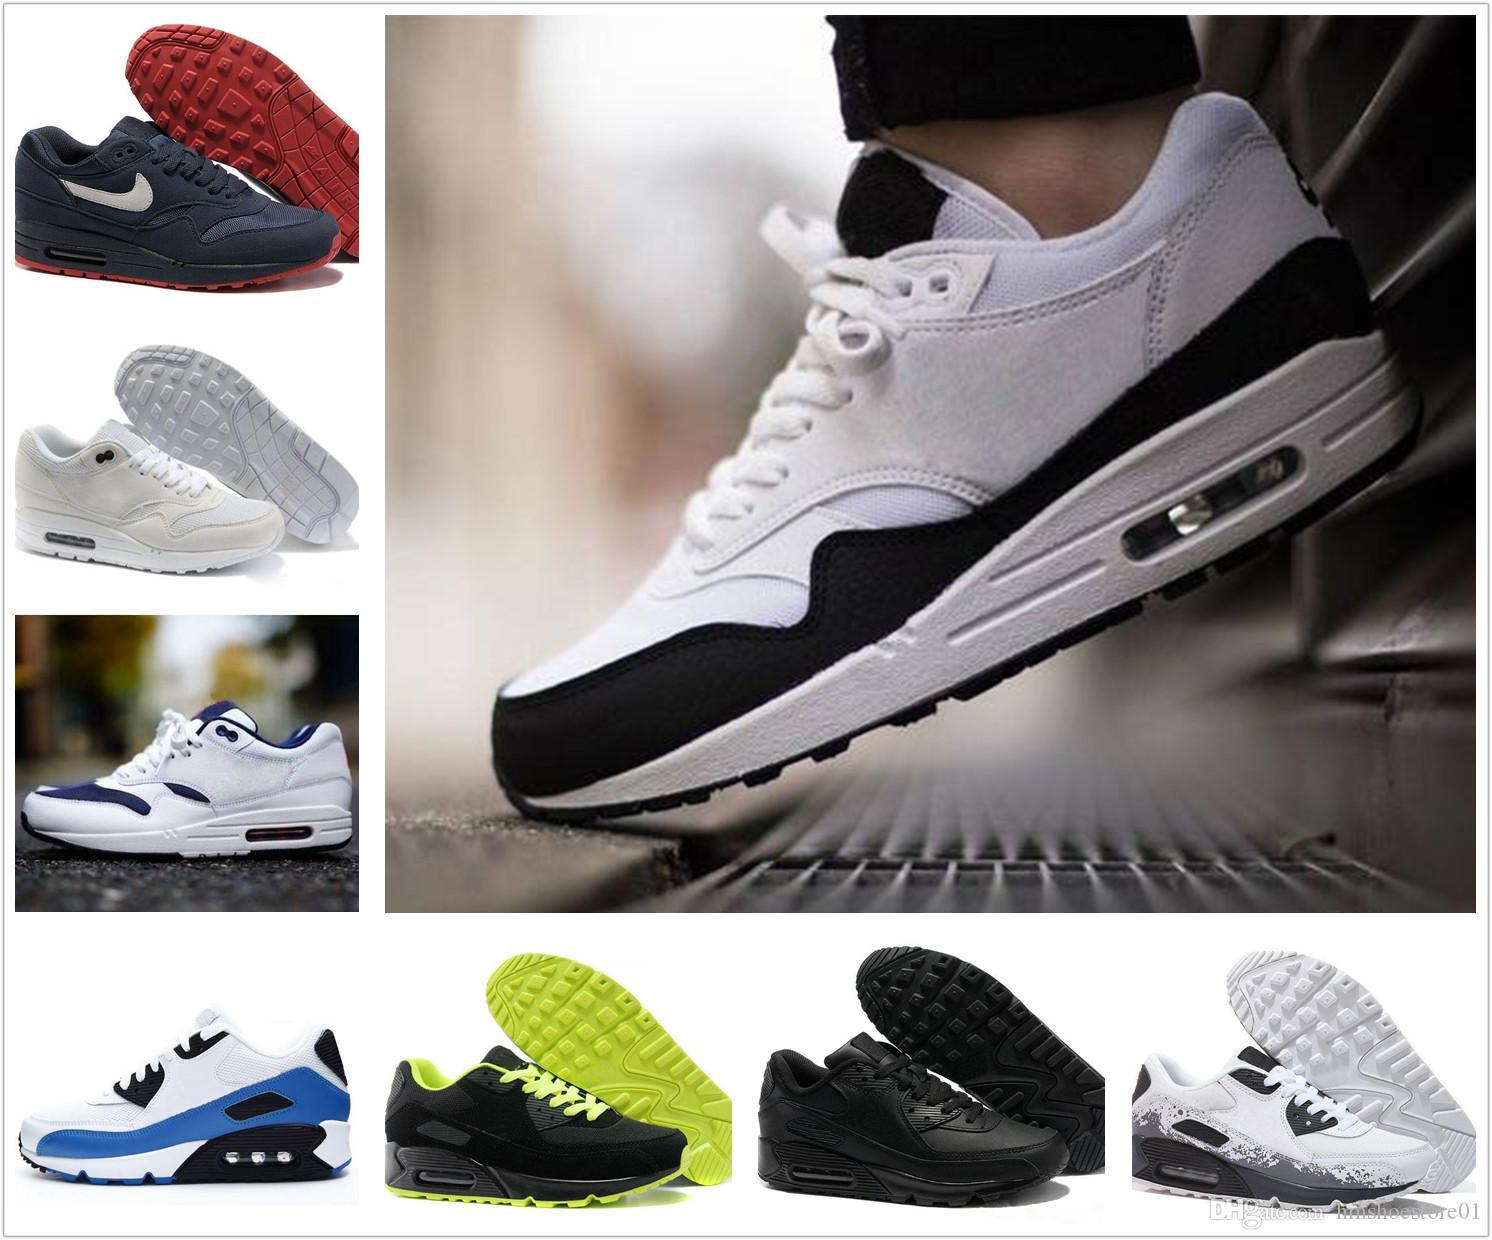 Nike air max airmax 87 90 deporte baratos para hombres Clásicos 90 zapatos para correr de hombre Venta al por mayor Envío deportivo Zapatillas de